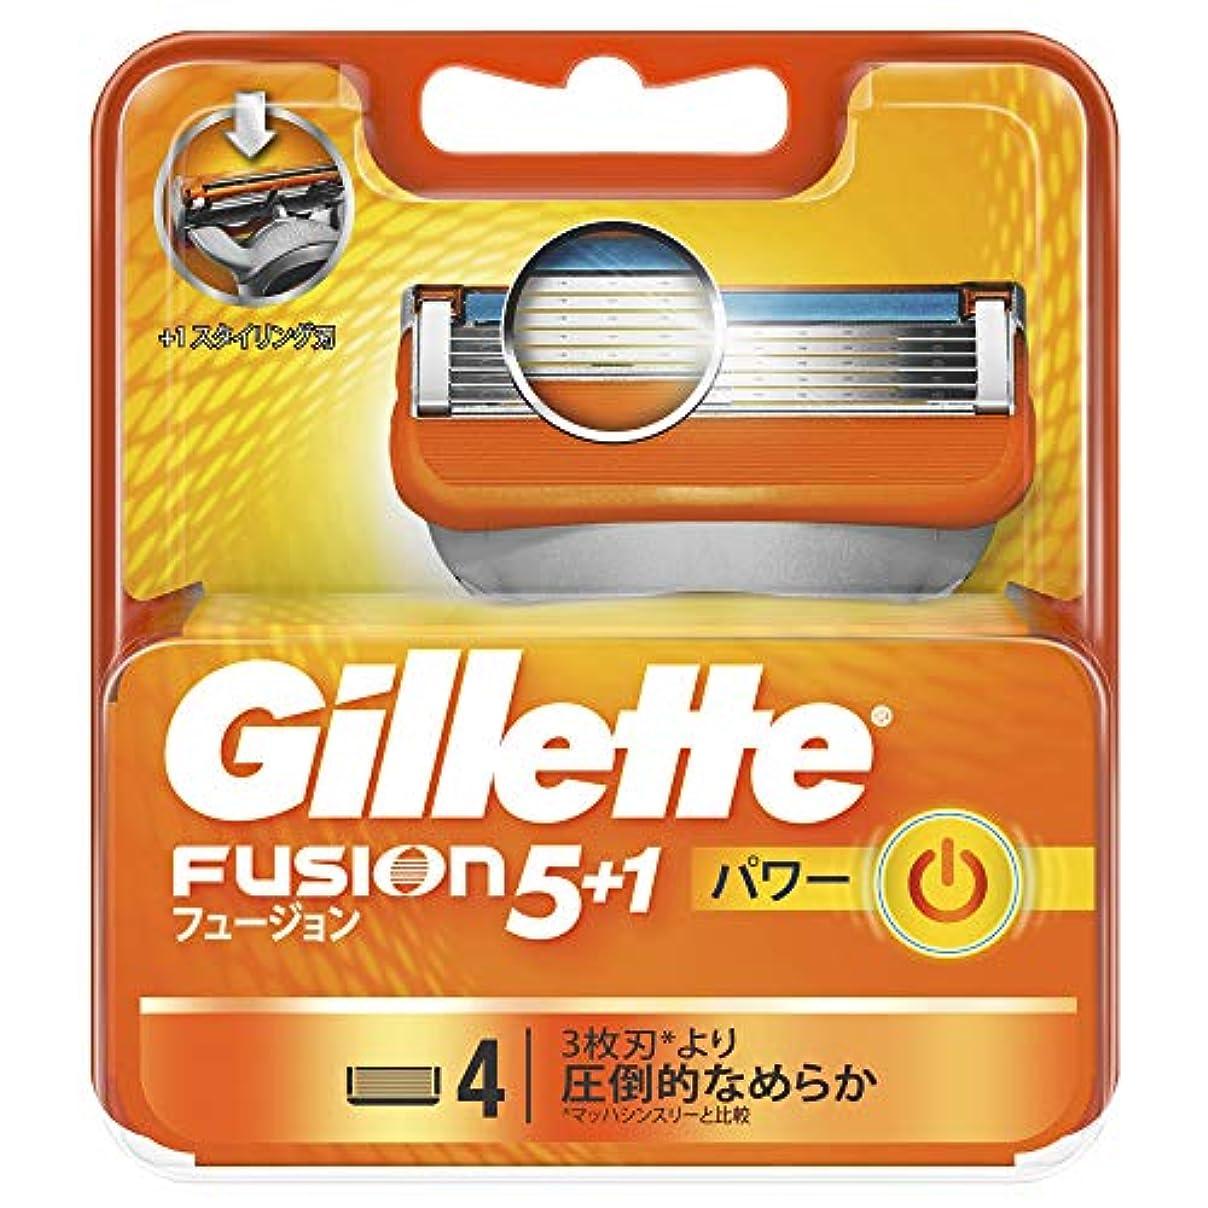 財布樫の木七面鳥ジレット 髭剃り フュージョン 5+1 パワー 替刃4個入